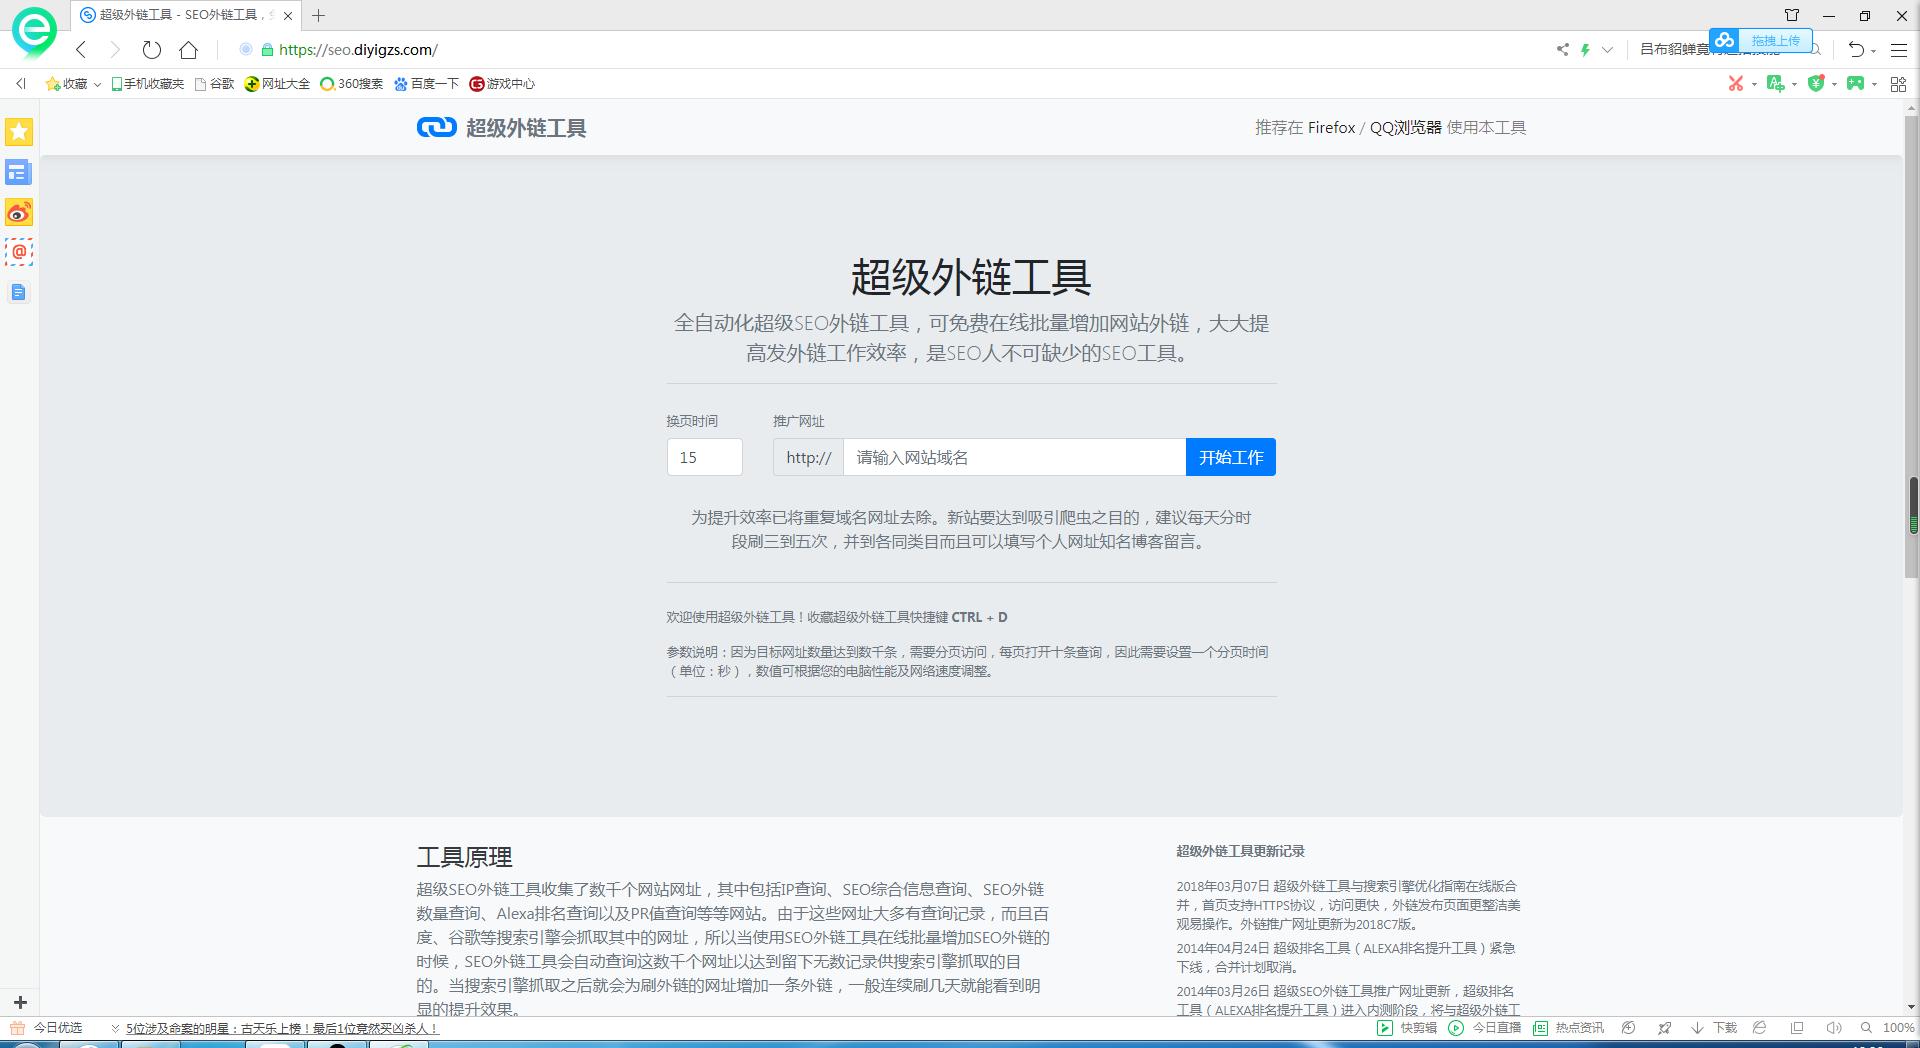 seo超级外链工具站长《源码》帝一首发